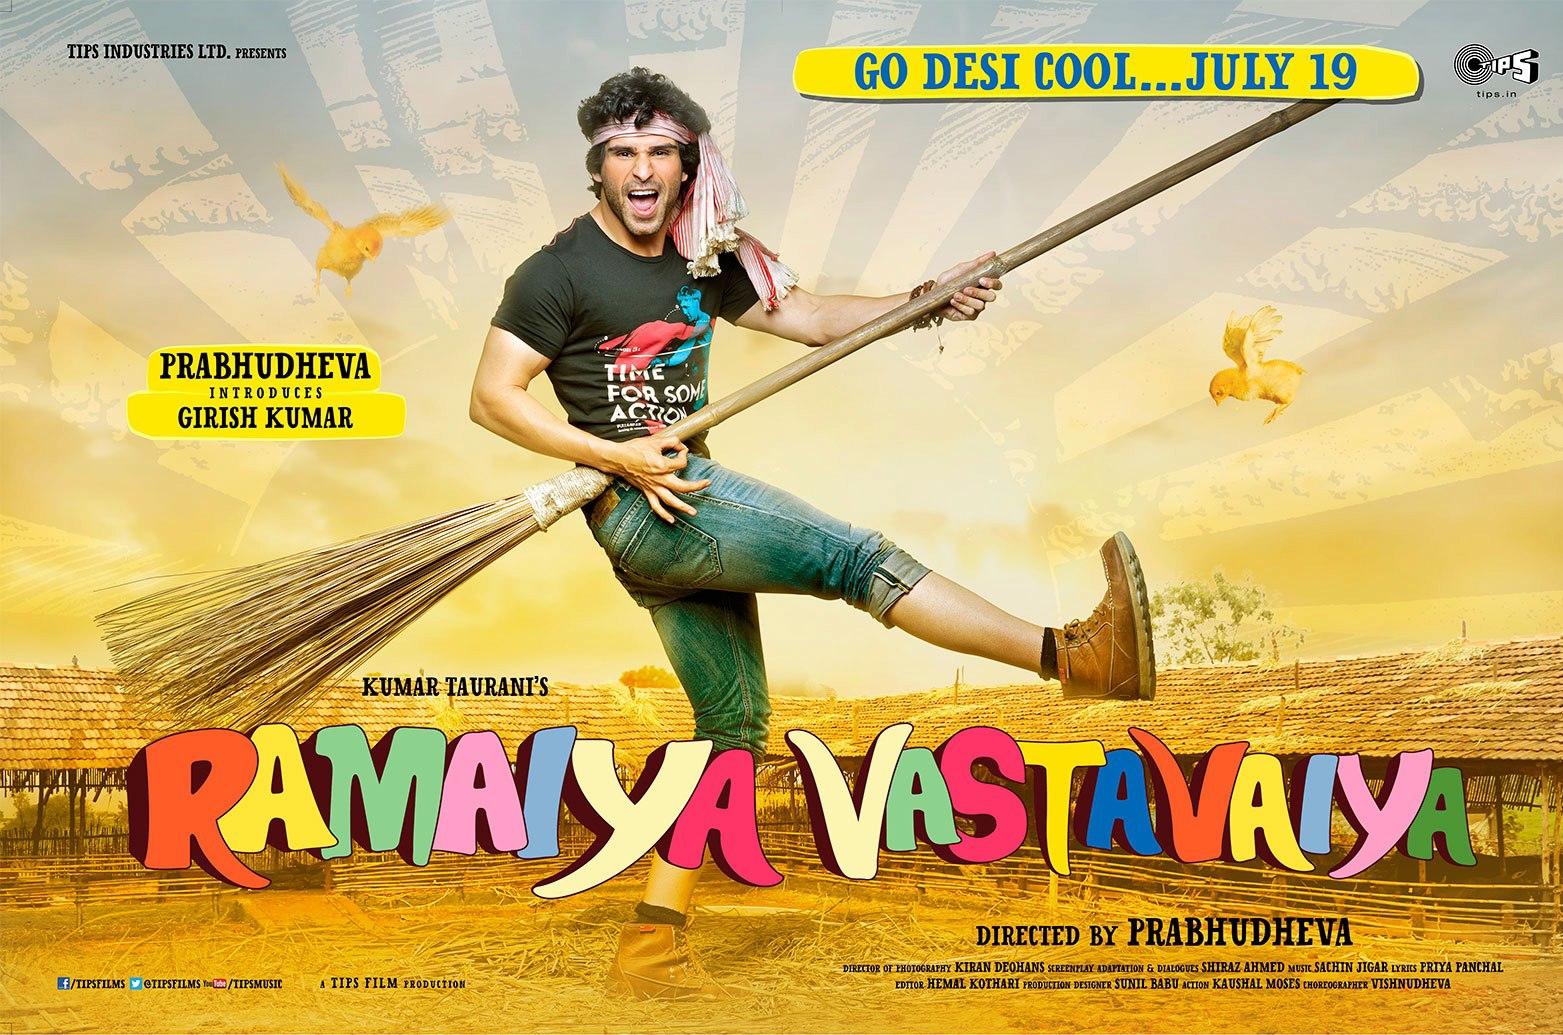 Ramaiya Vastavaiya - Movie Poster #15 (Original)